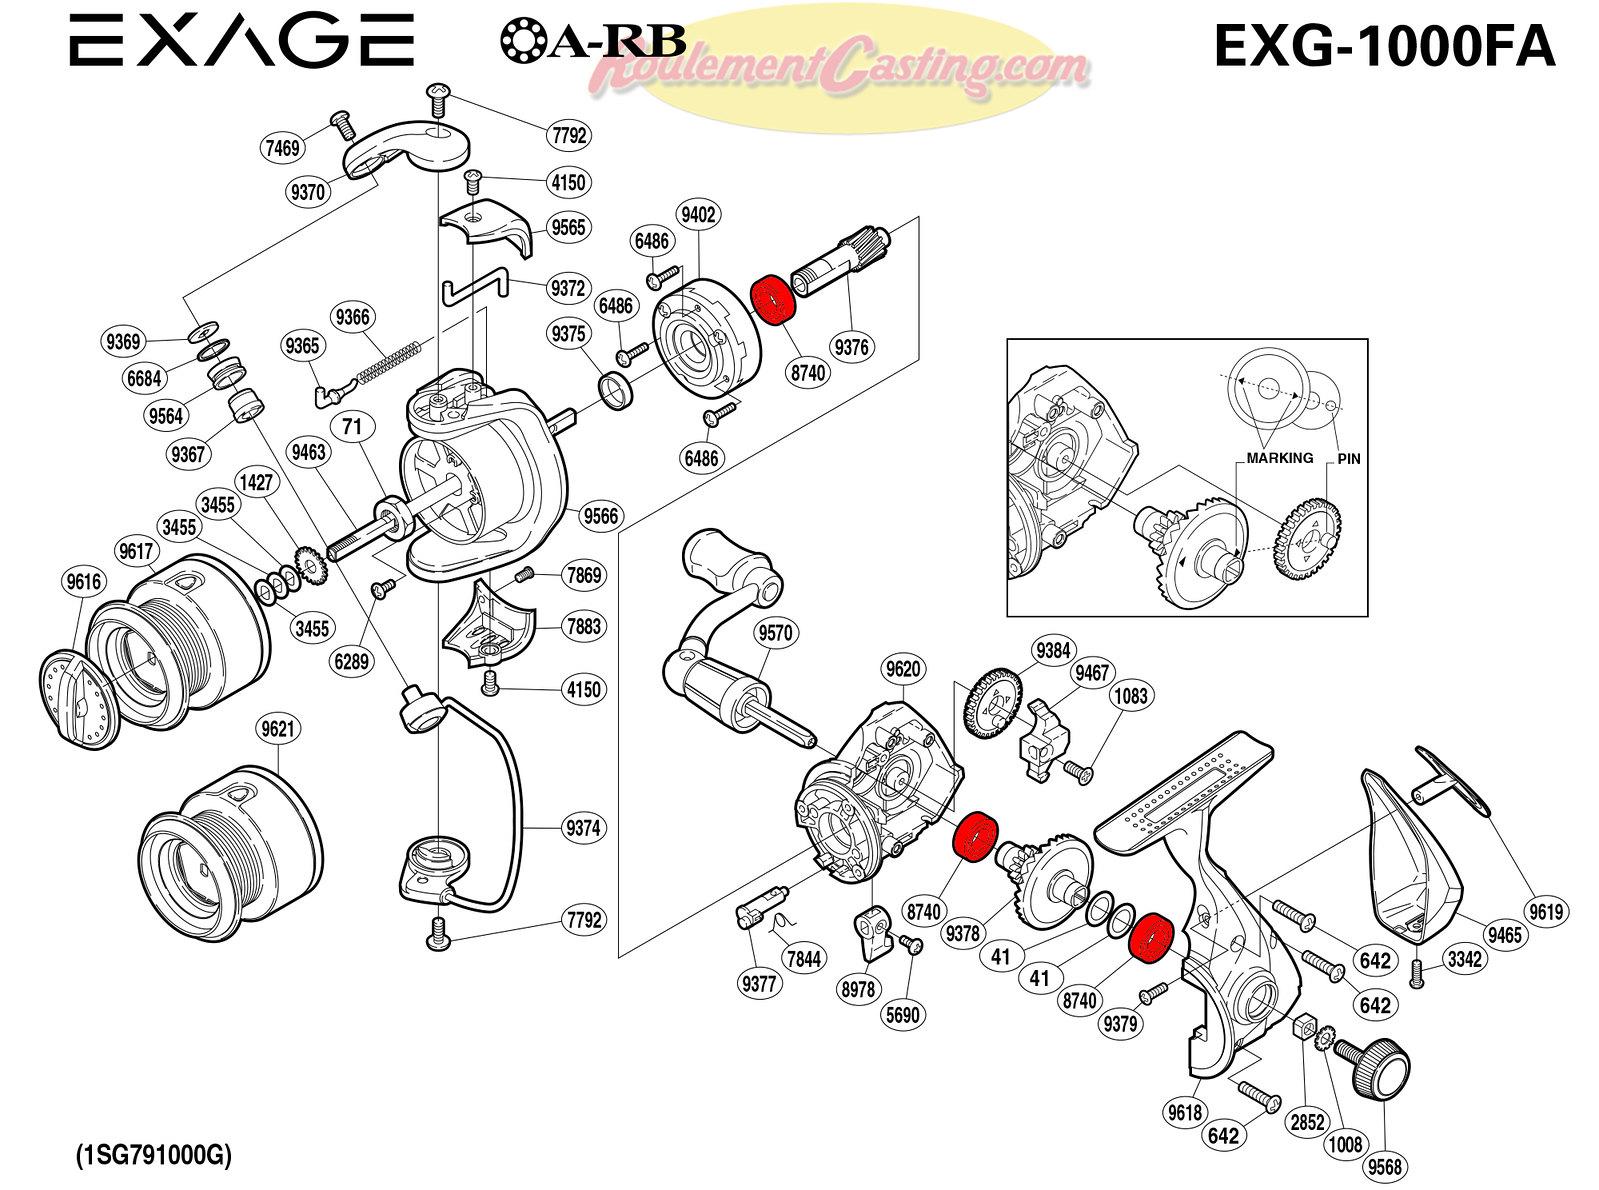 Schema-Shimano-EXAGE-1000FA